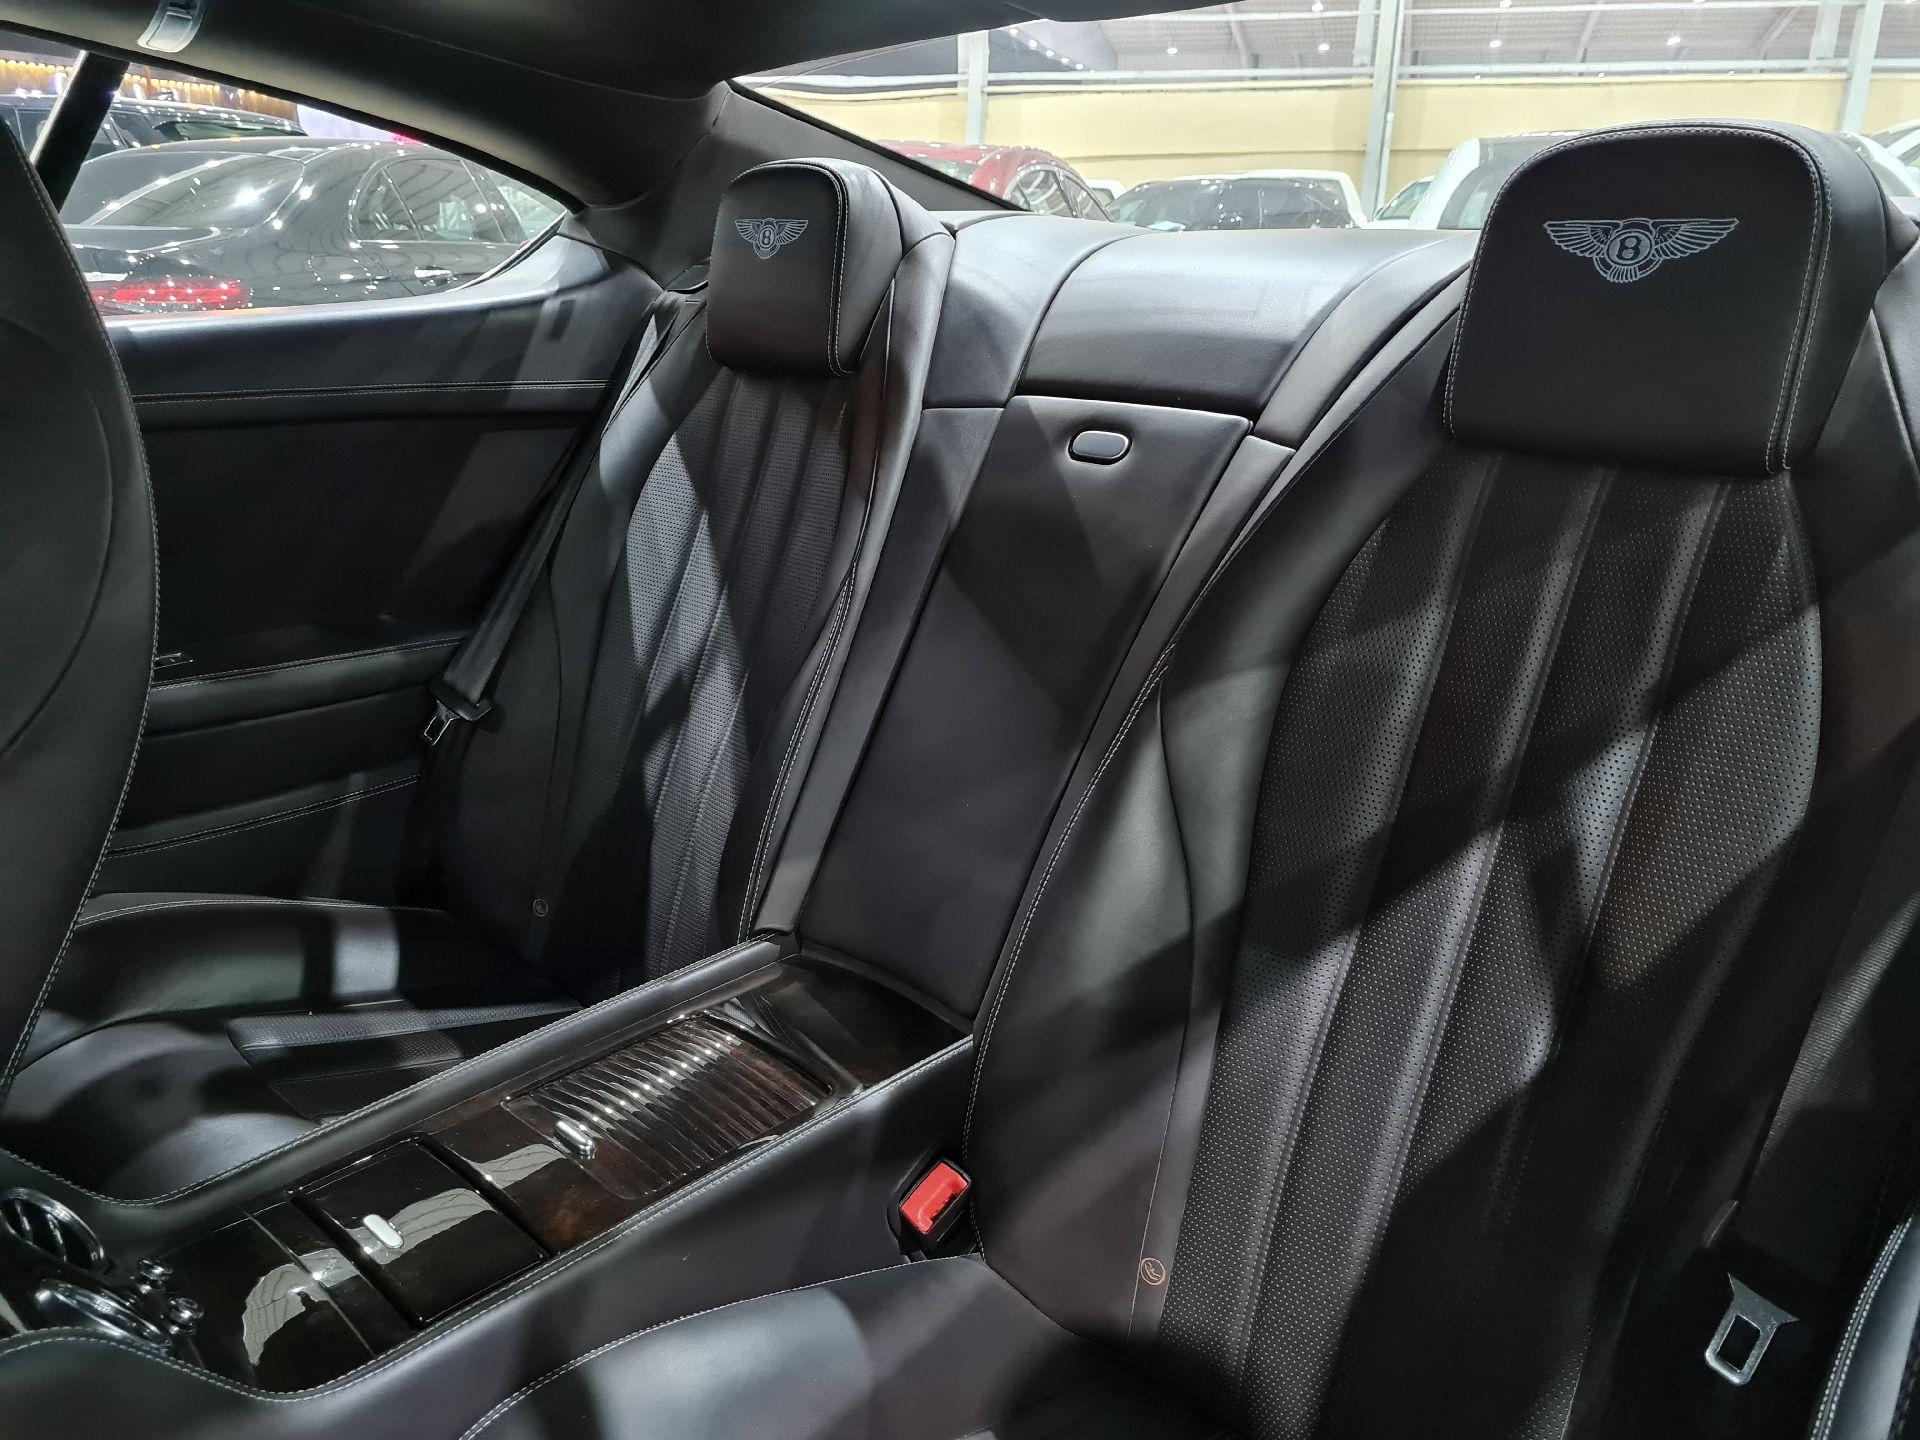 بنتلي كونتيننتال GT جي تي 2013 سعودي للبيع في الرياض - السعودية - صورة كبيرة - 10